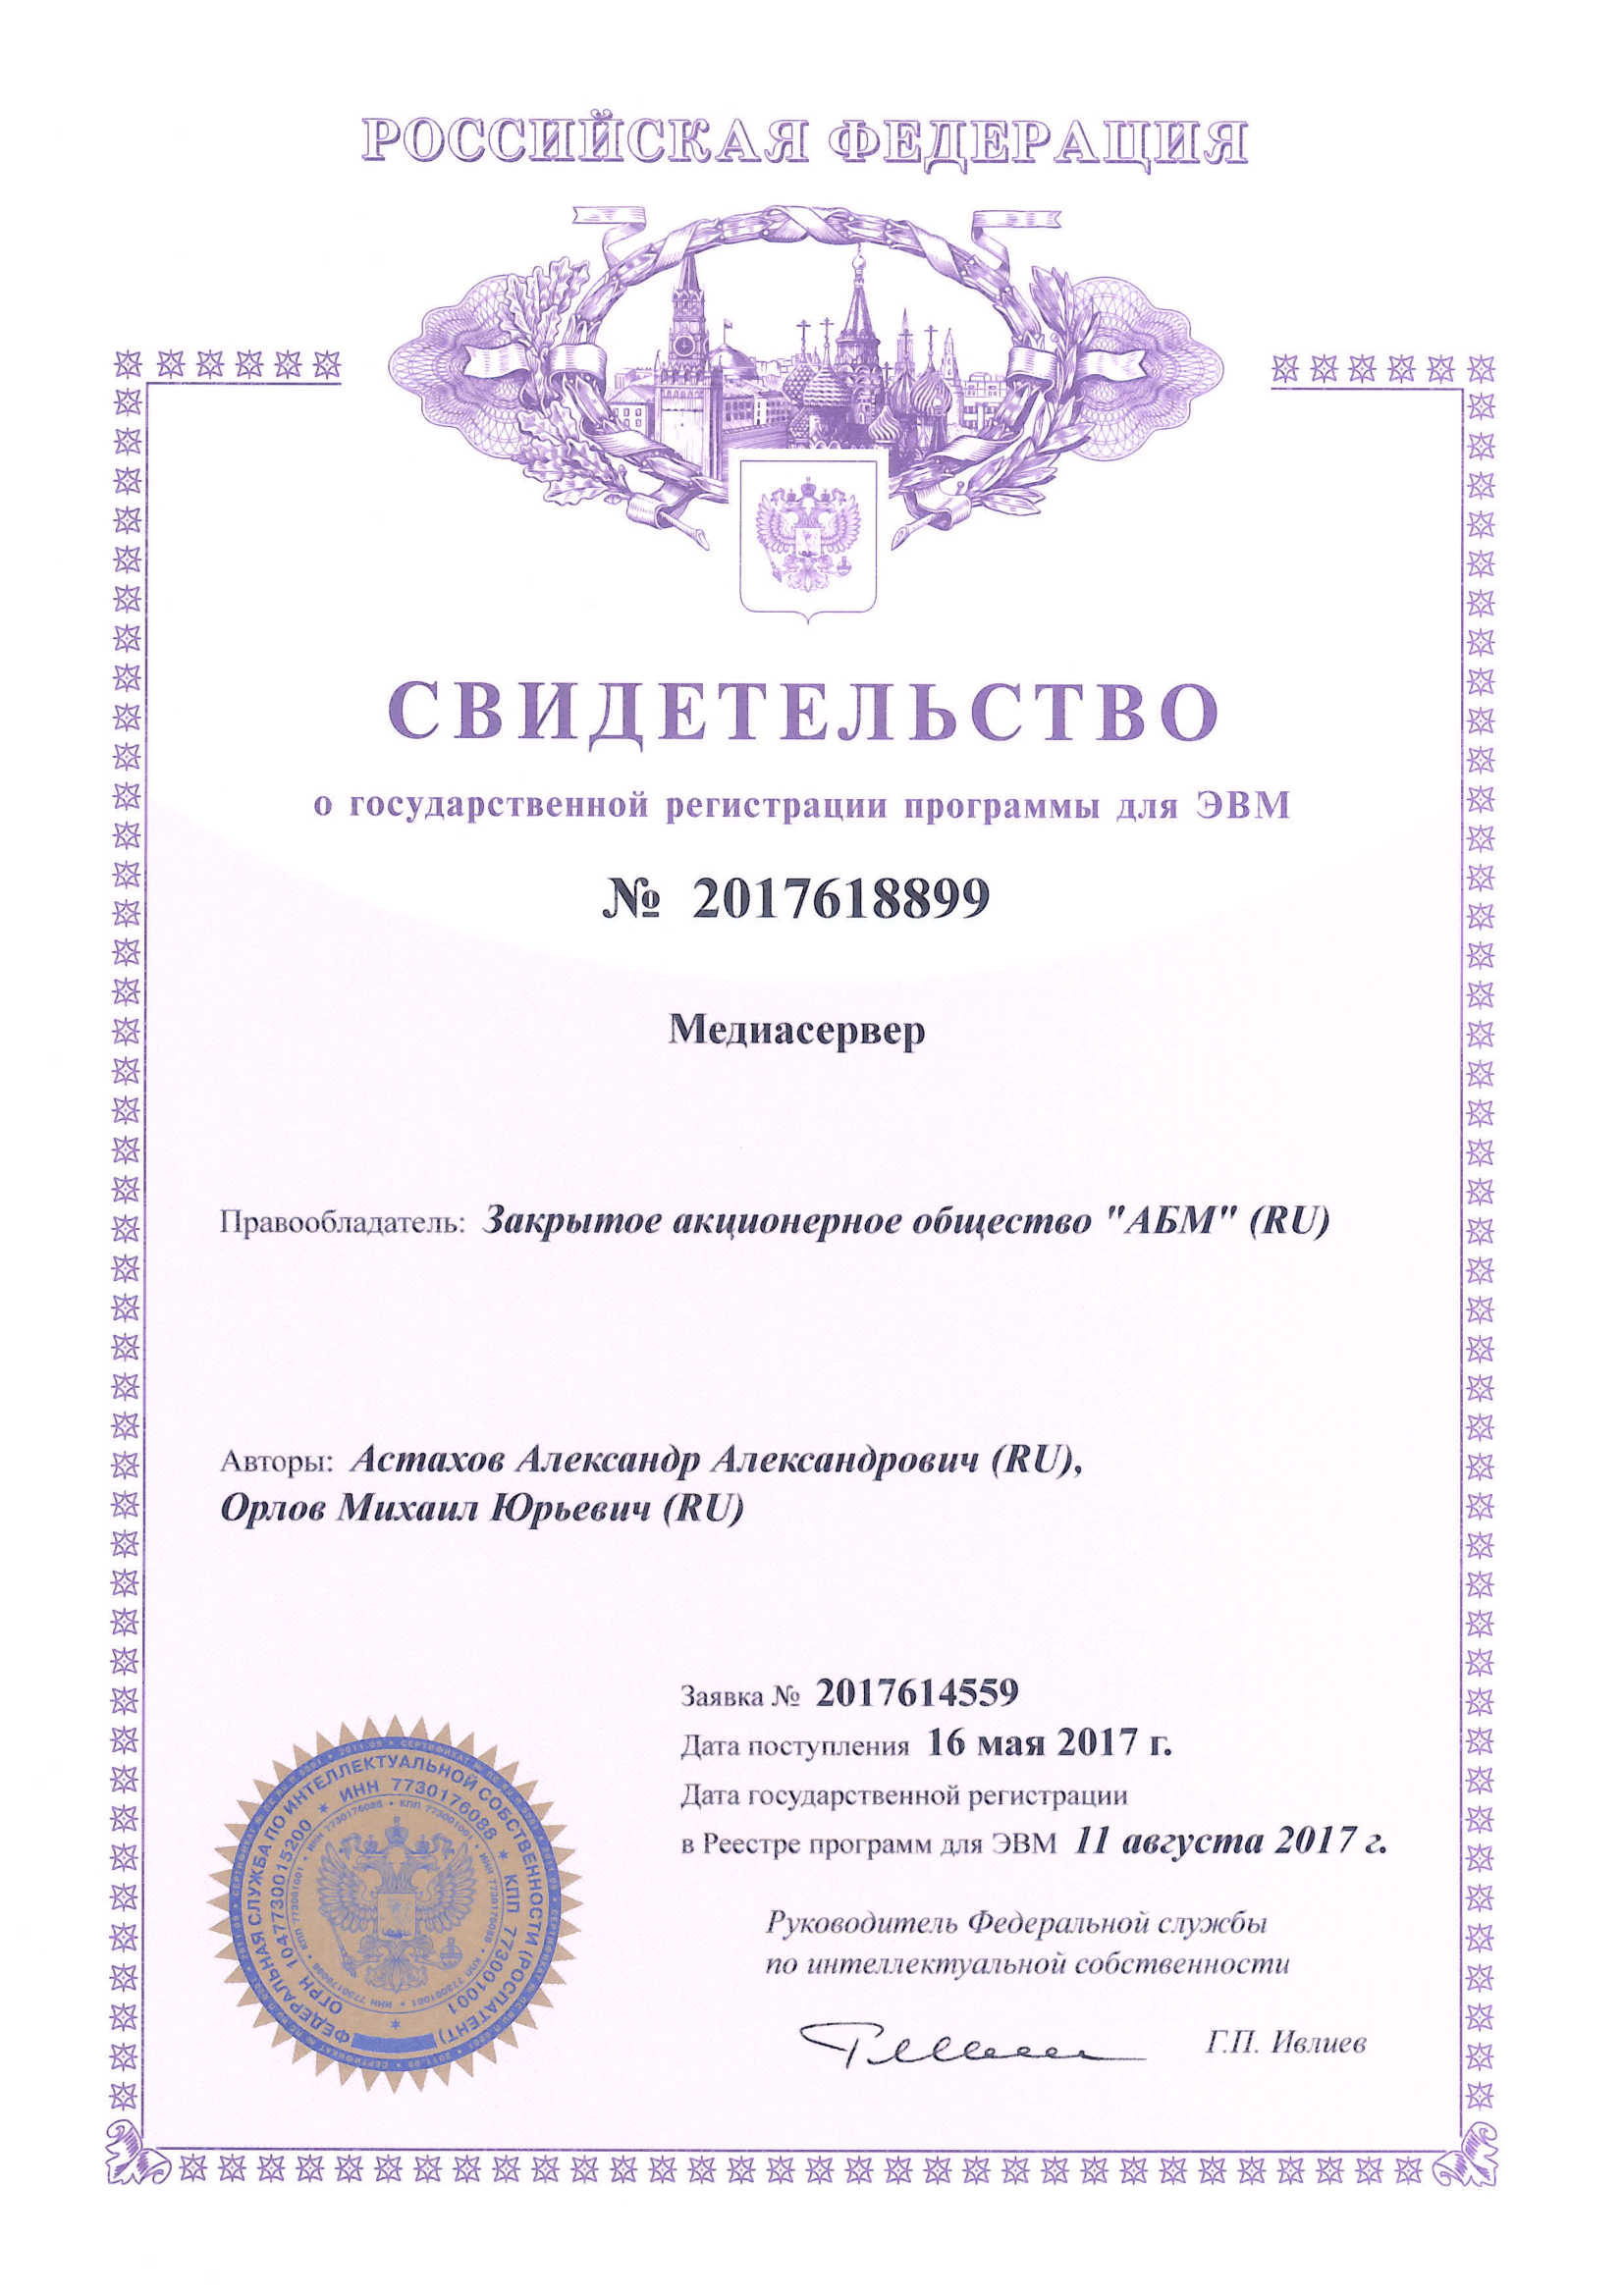 mediaserver-licenses